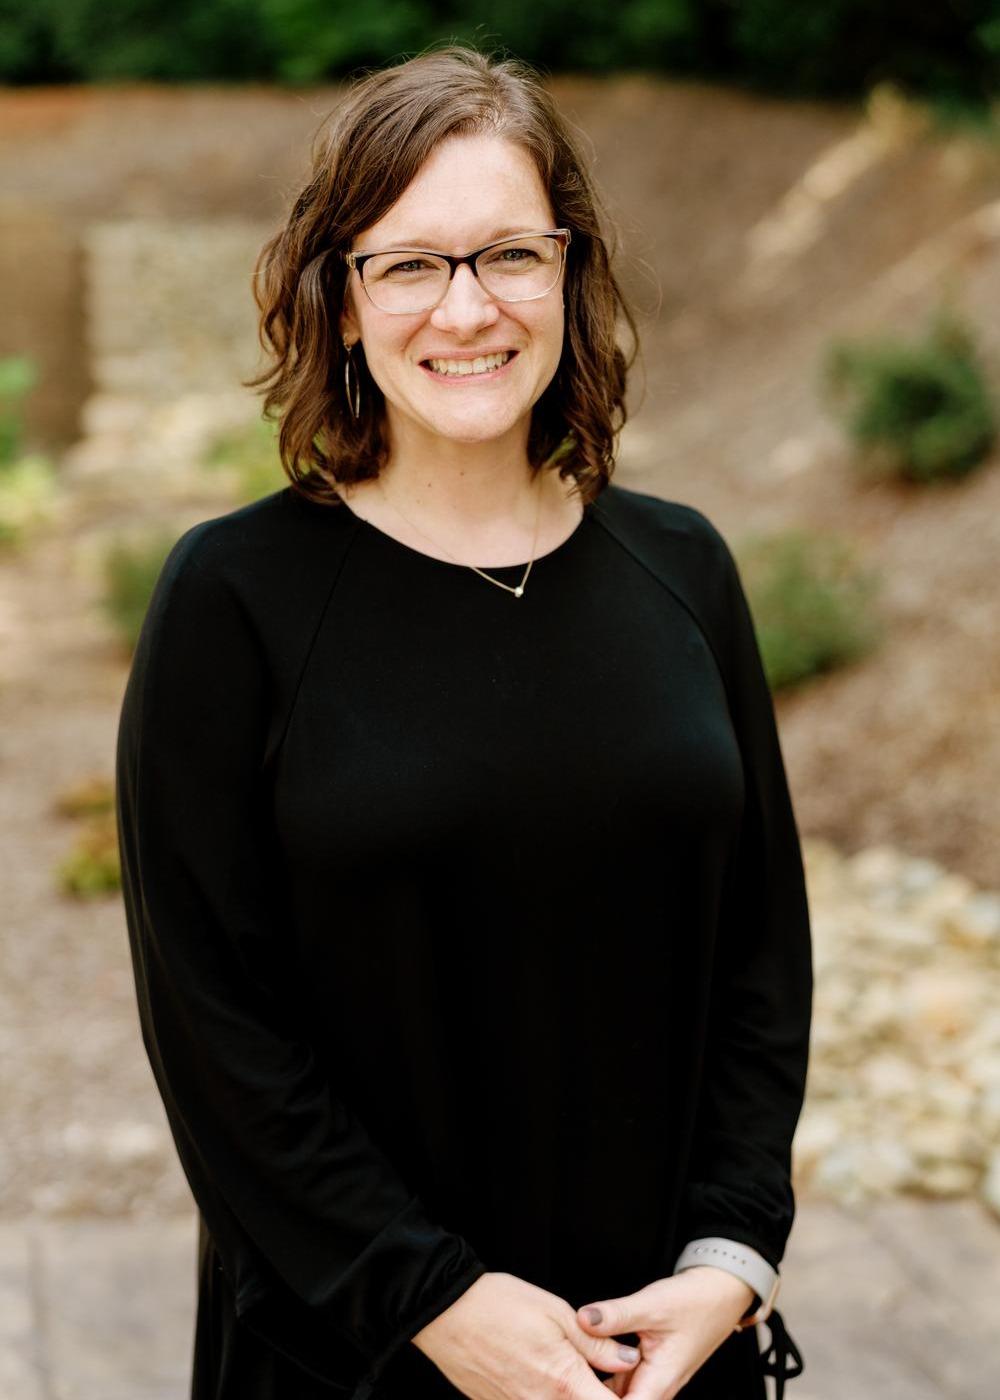 Jessica Ott Photo